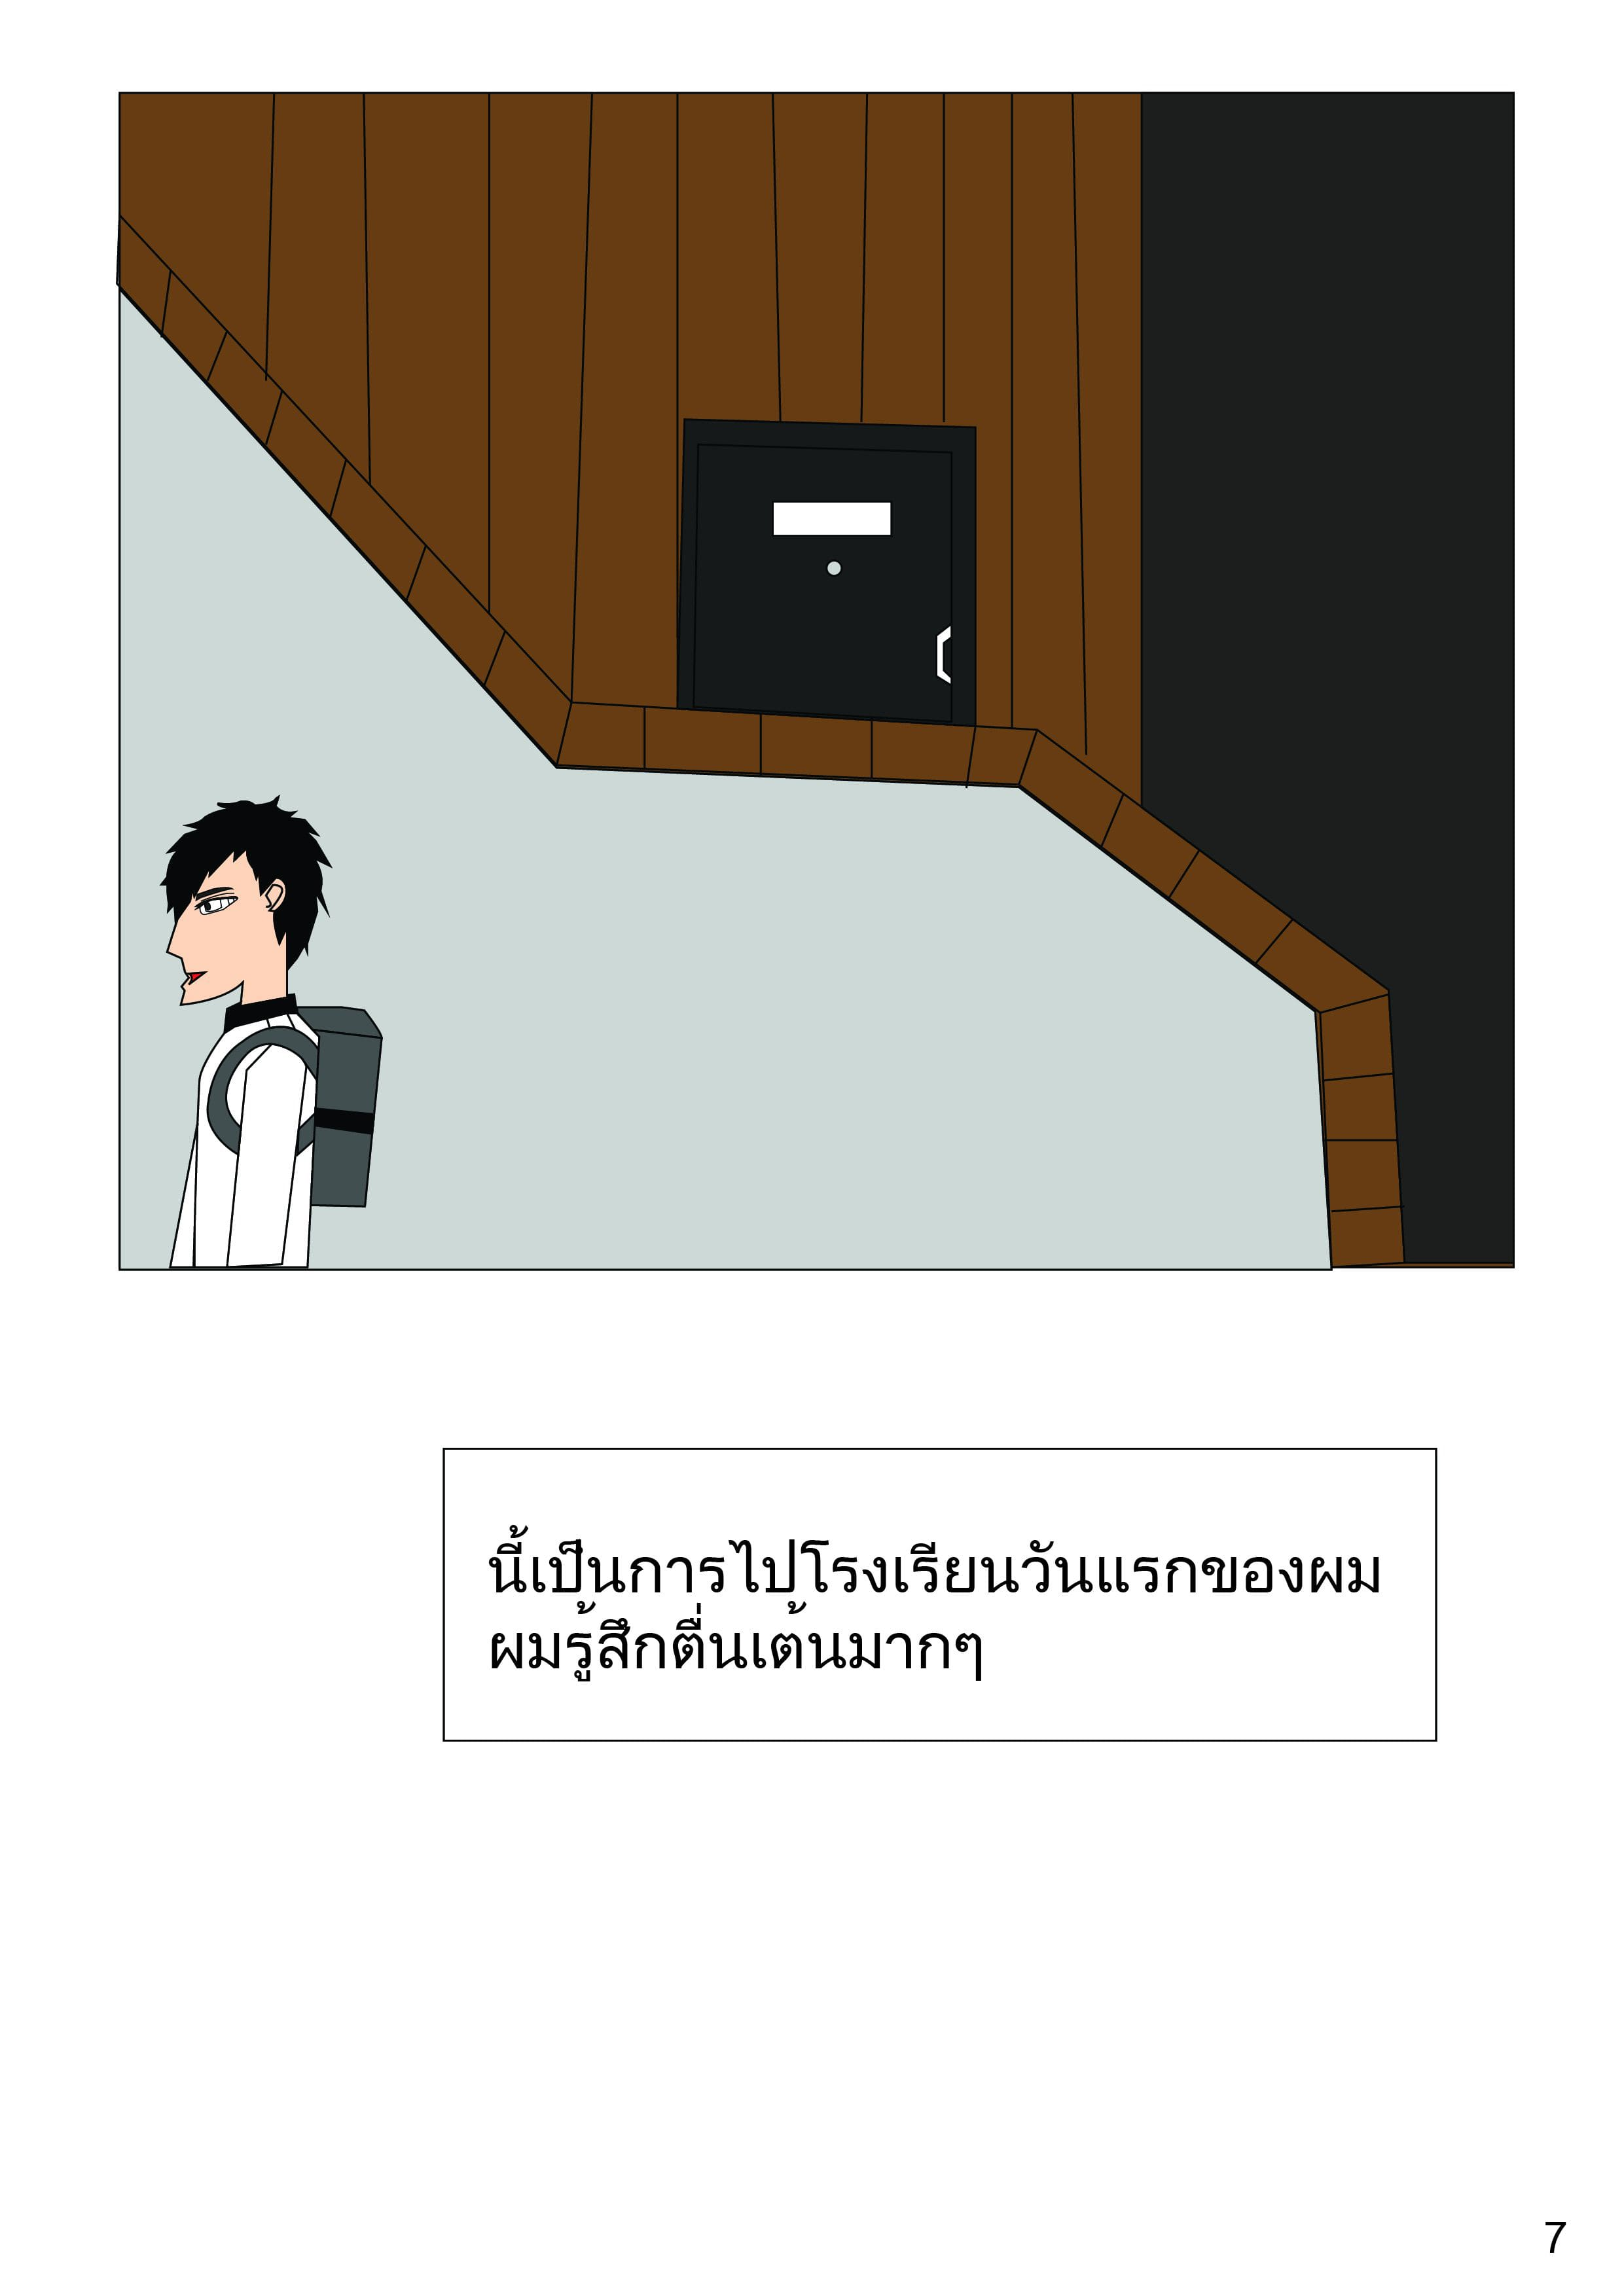 ตอนที่7 - ไปโรงเรียน